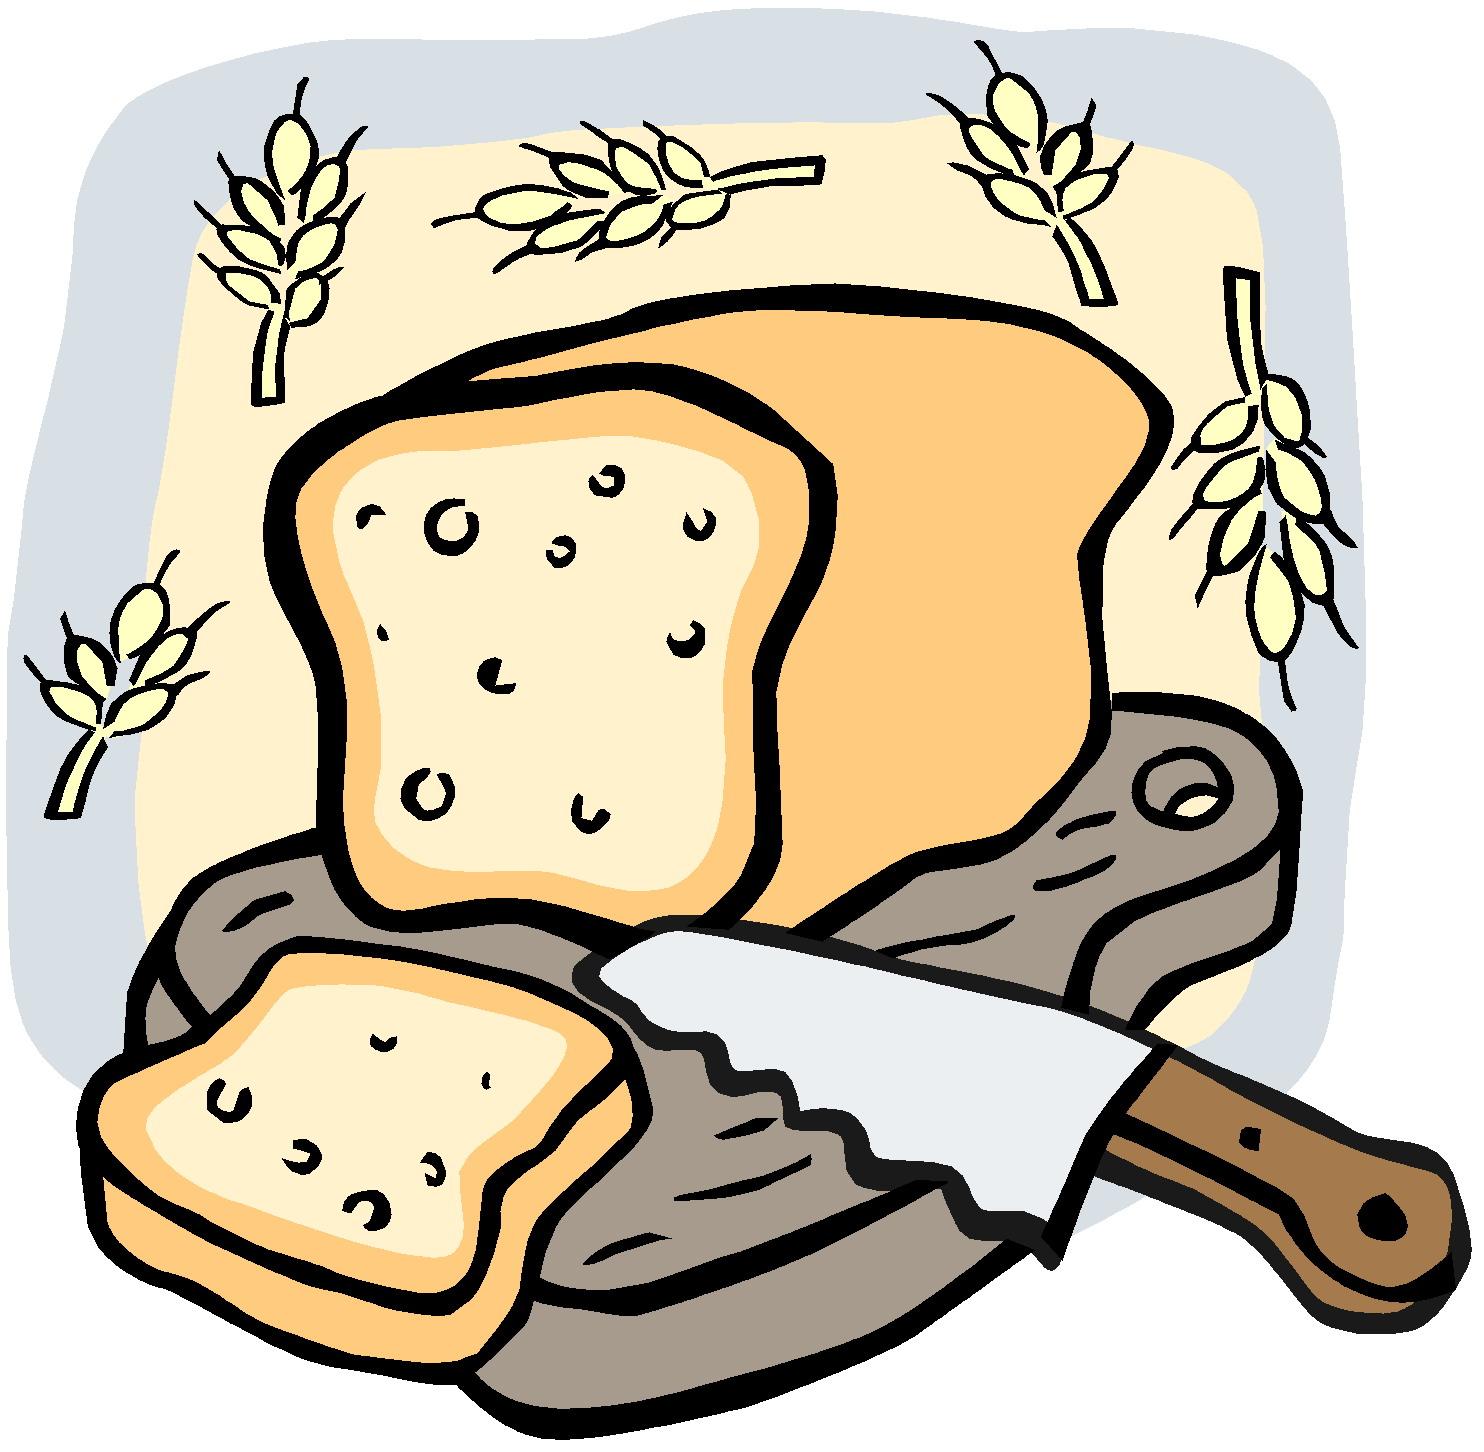 Clipart Bread Sliced Jpg